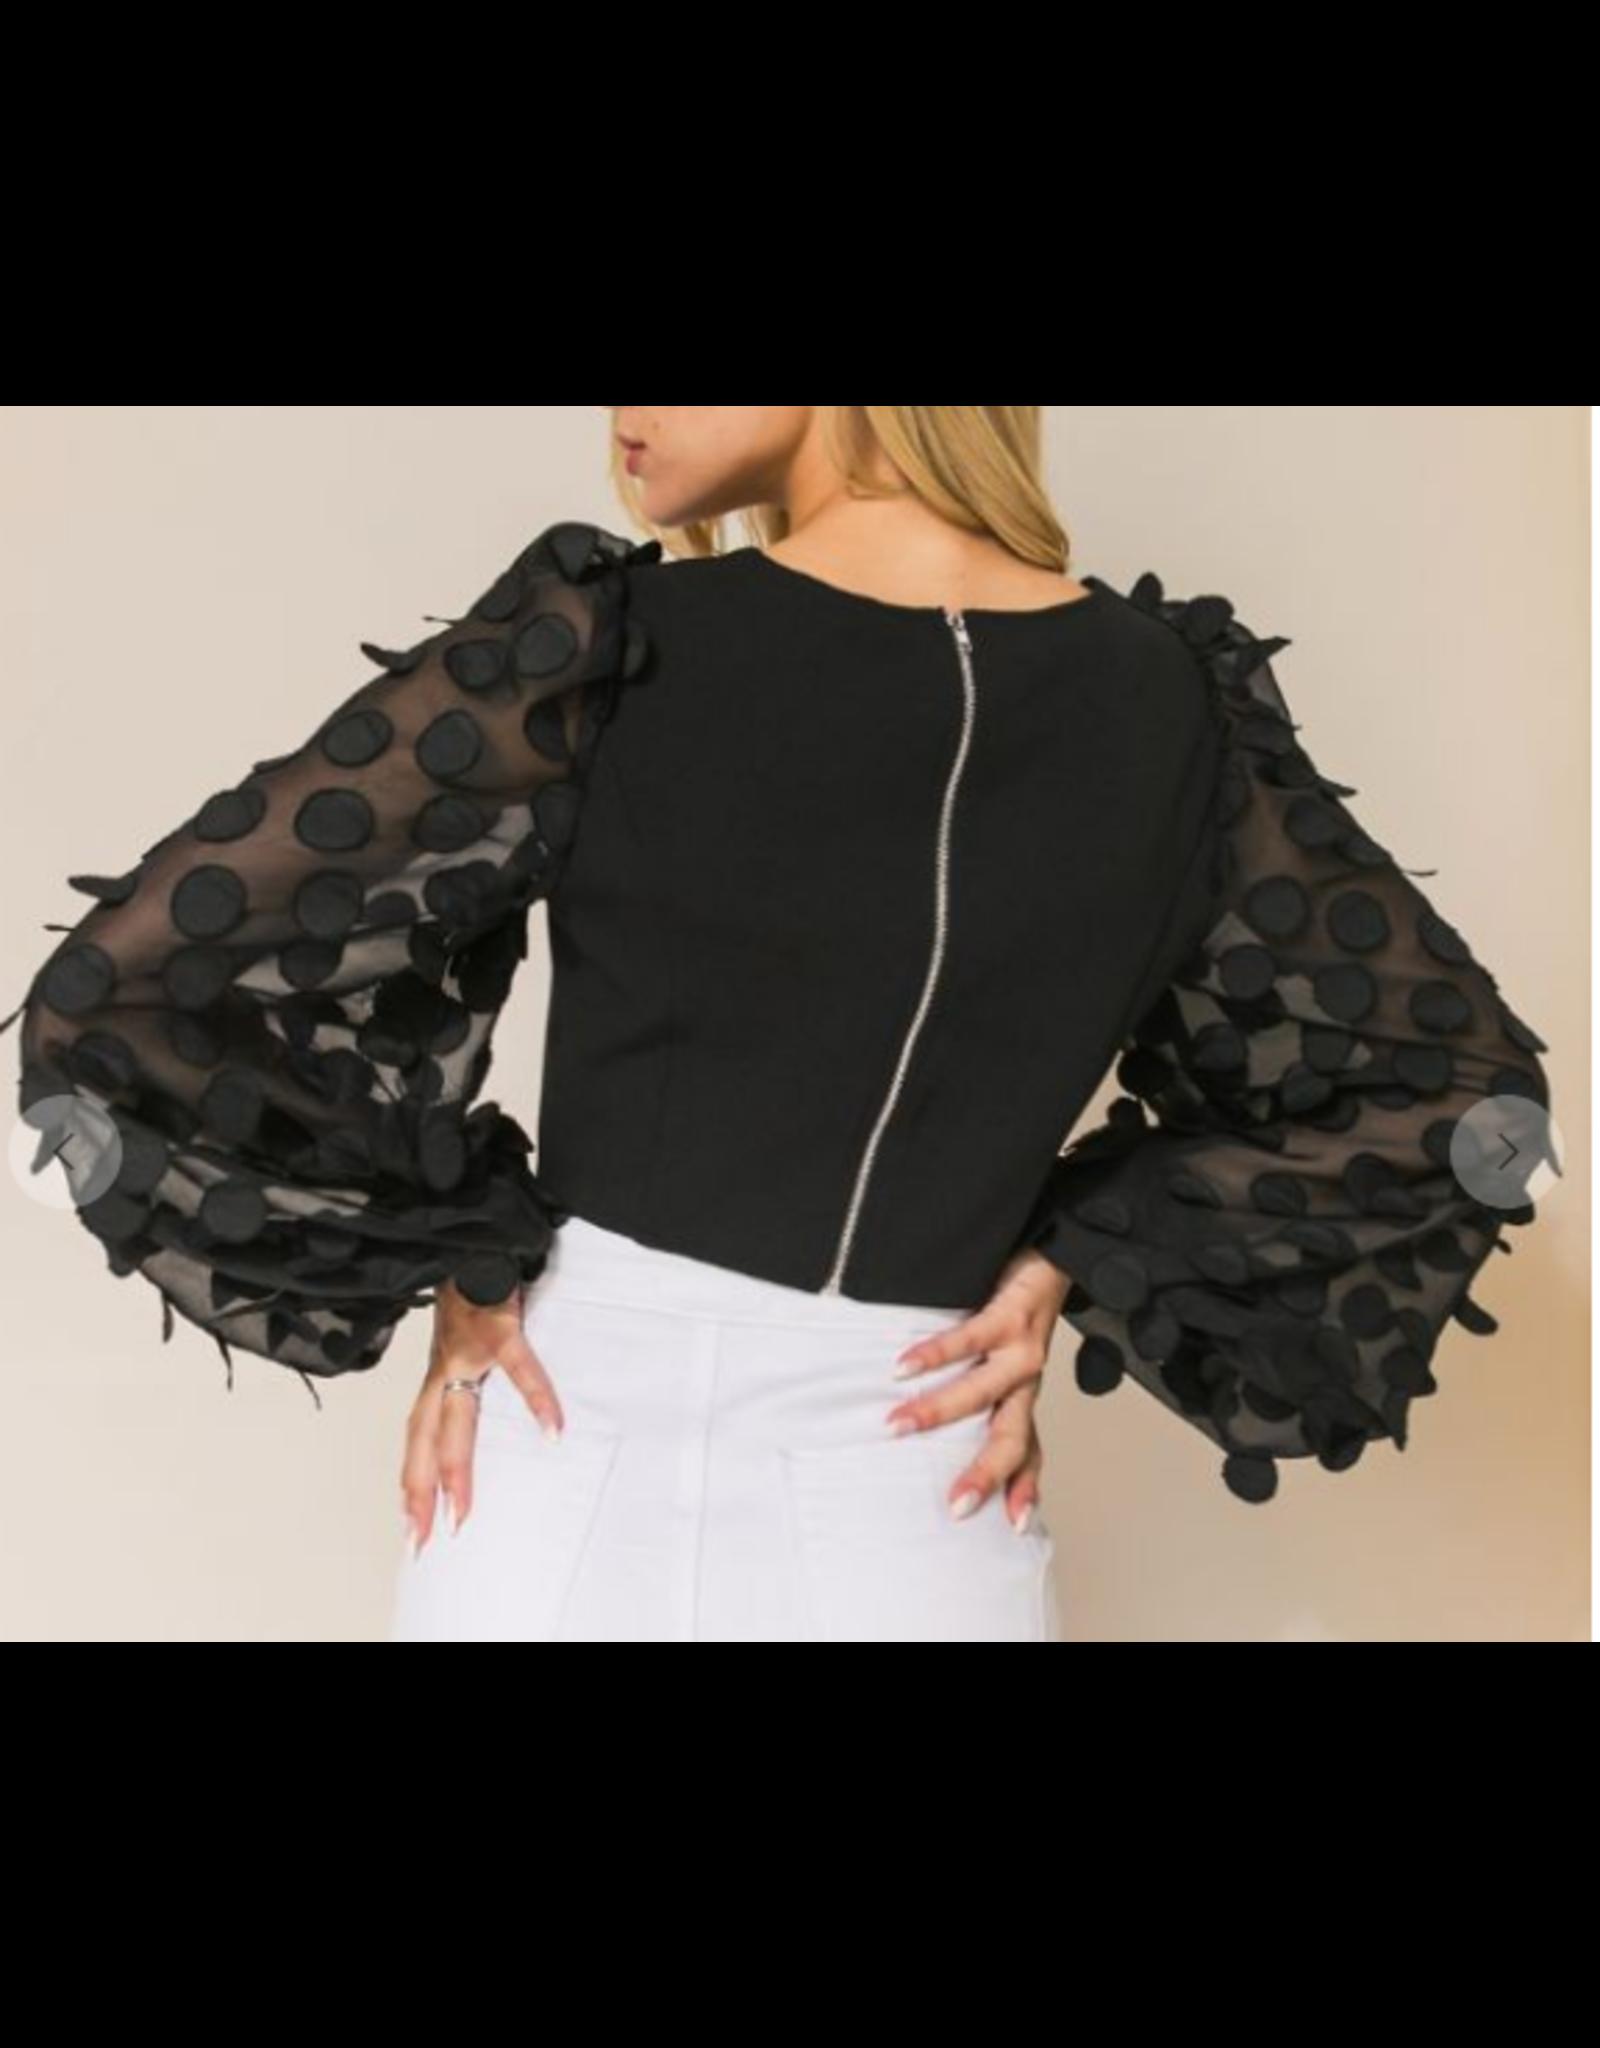 Organza Sleeves Top - Black